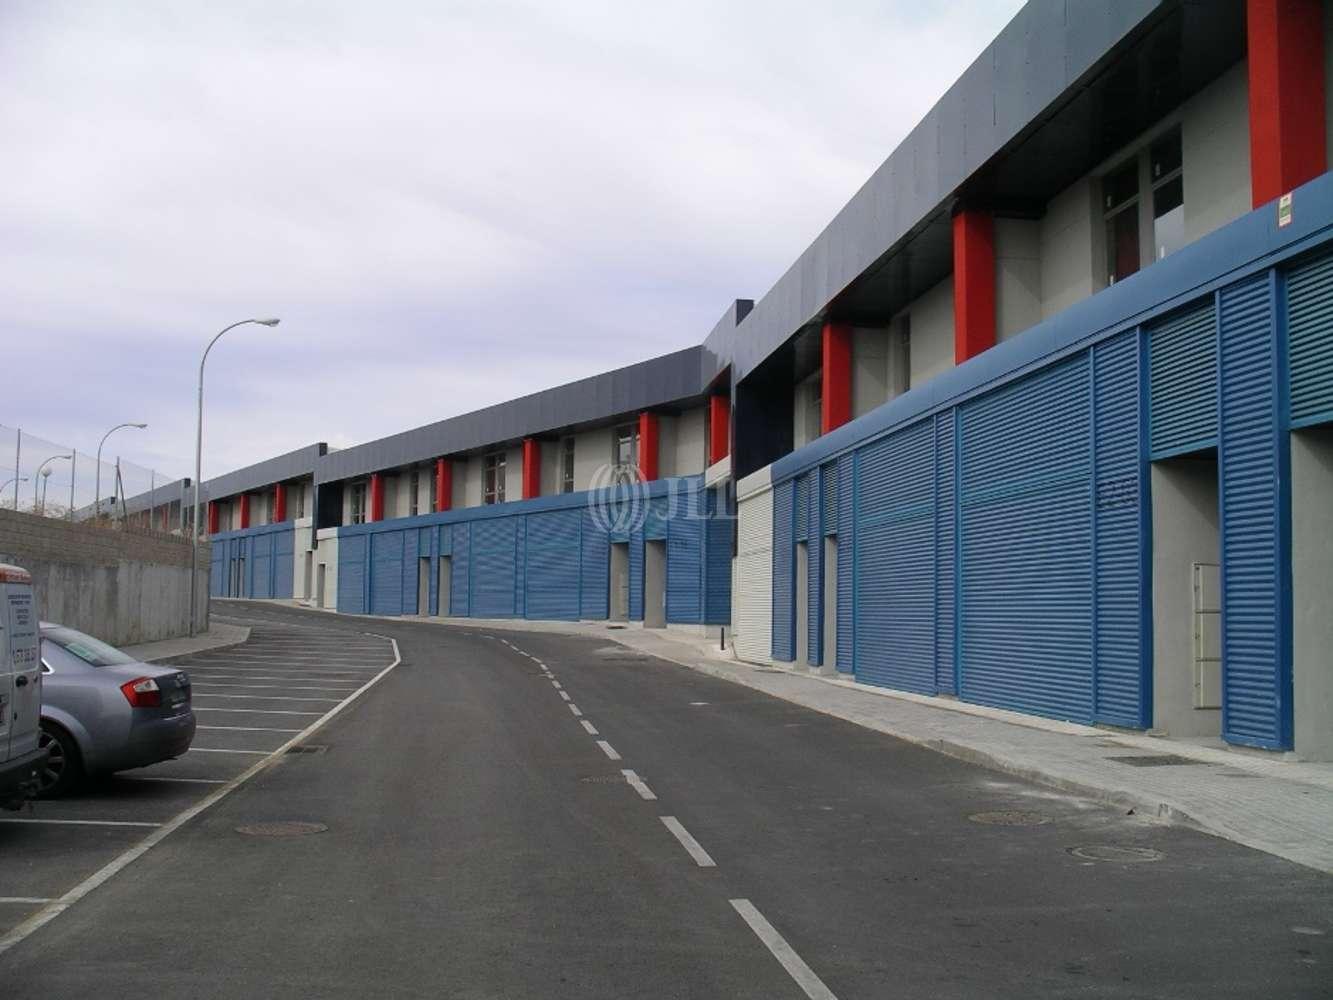 Naves industriales y logísticas San agustín del guadalix, 28750 - Nave Industrial - M0220 - P.A.E. MADRID NORTE - 3108